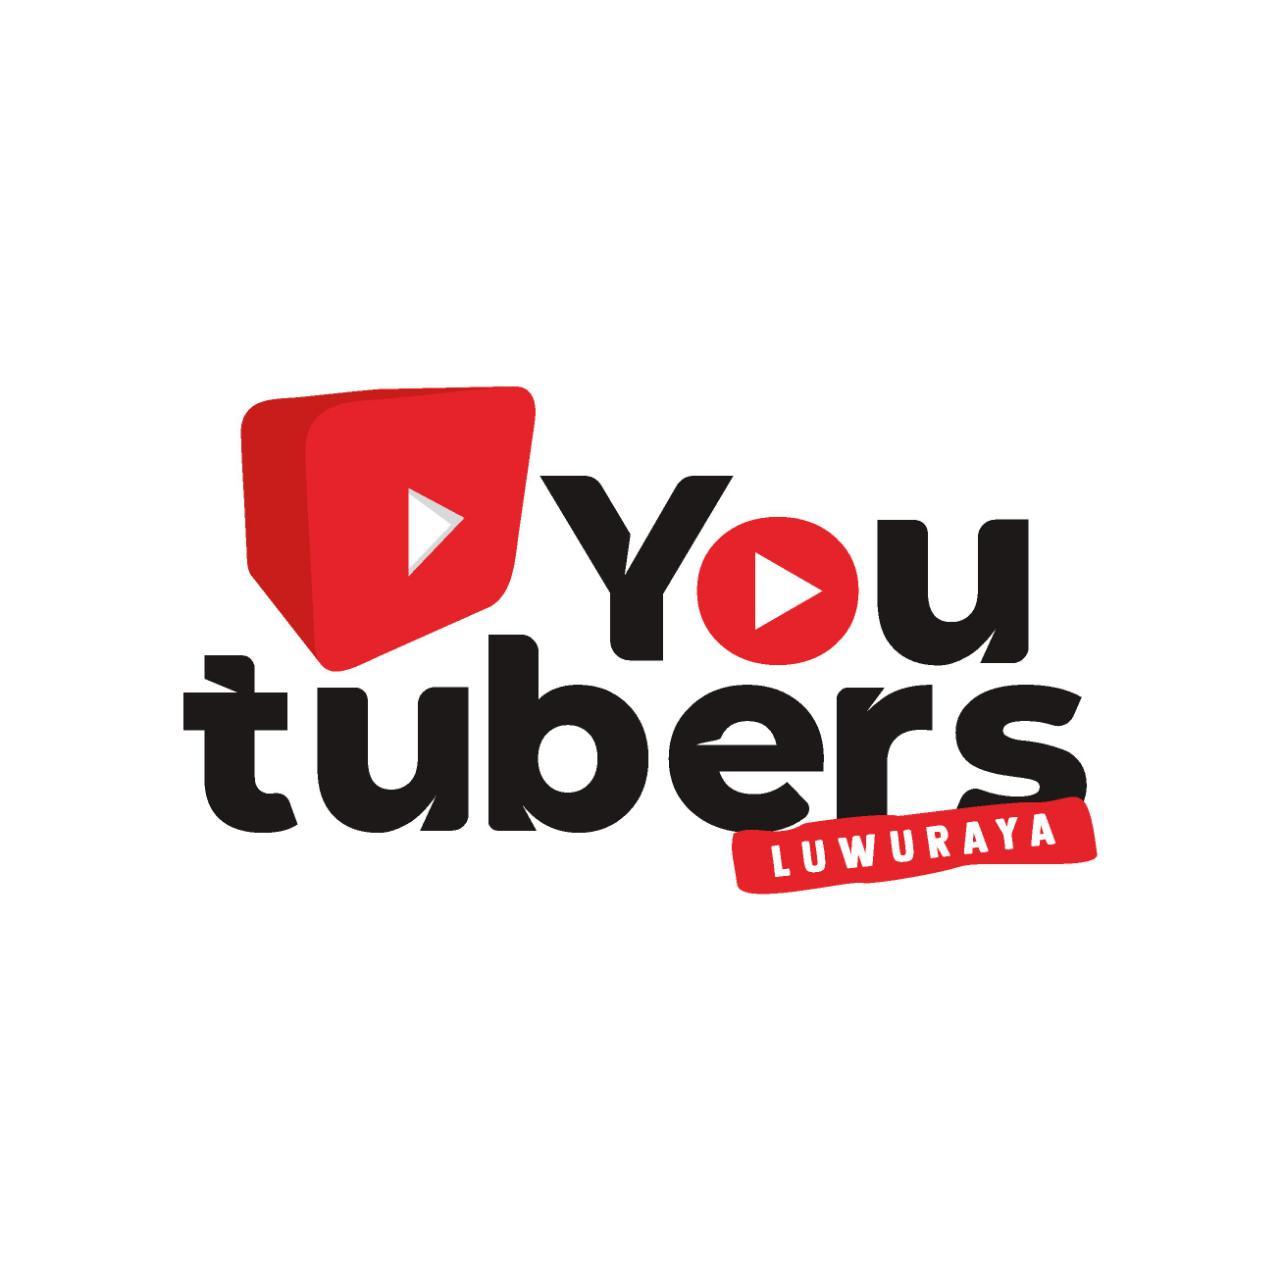 logo youtubers luwuraya